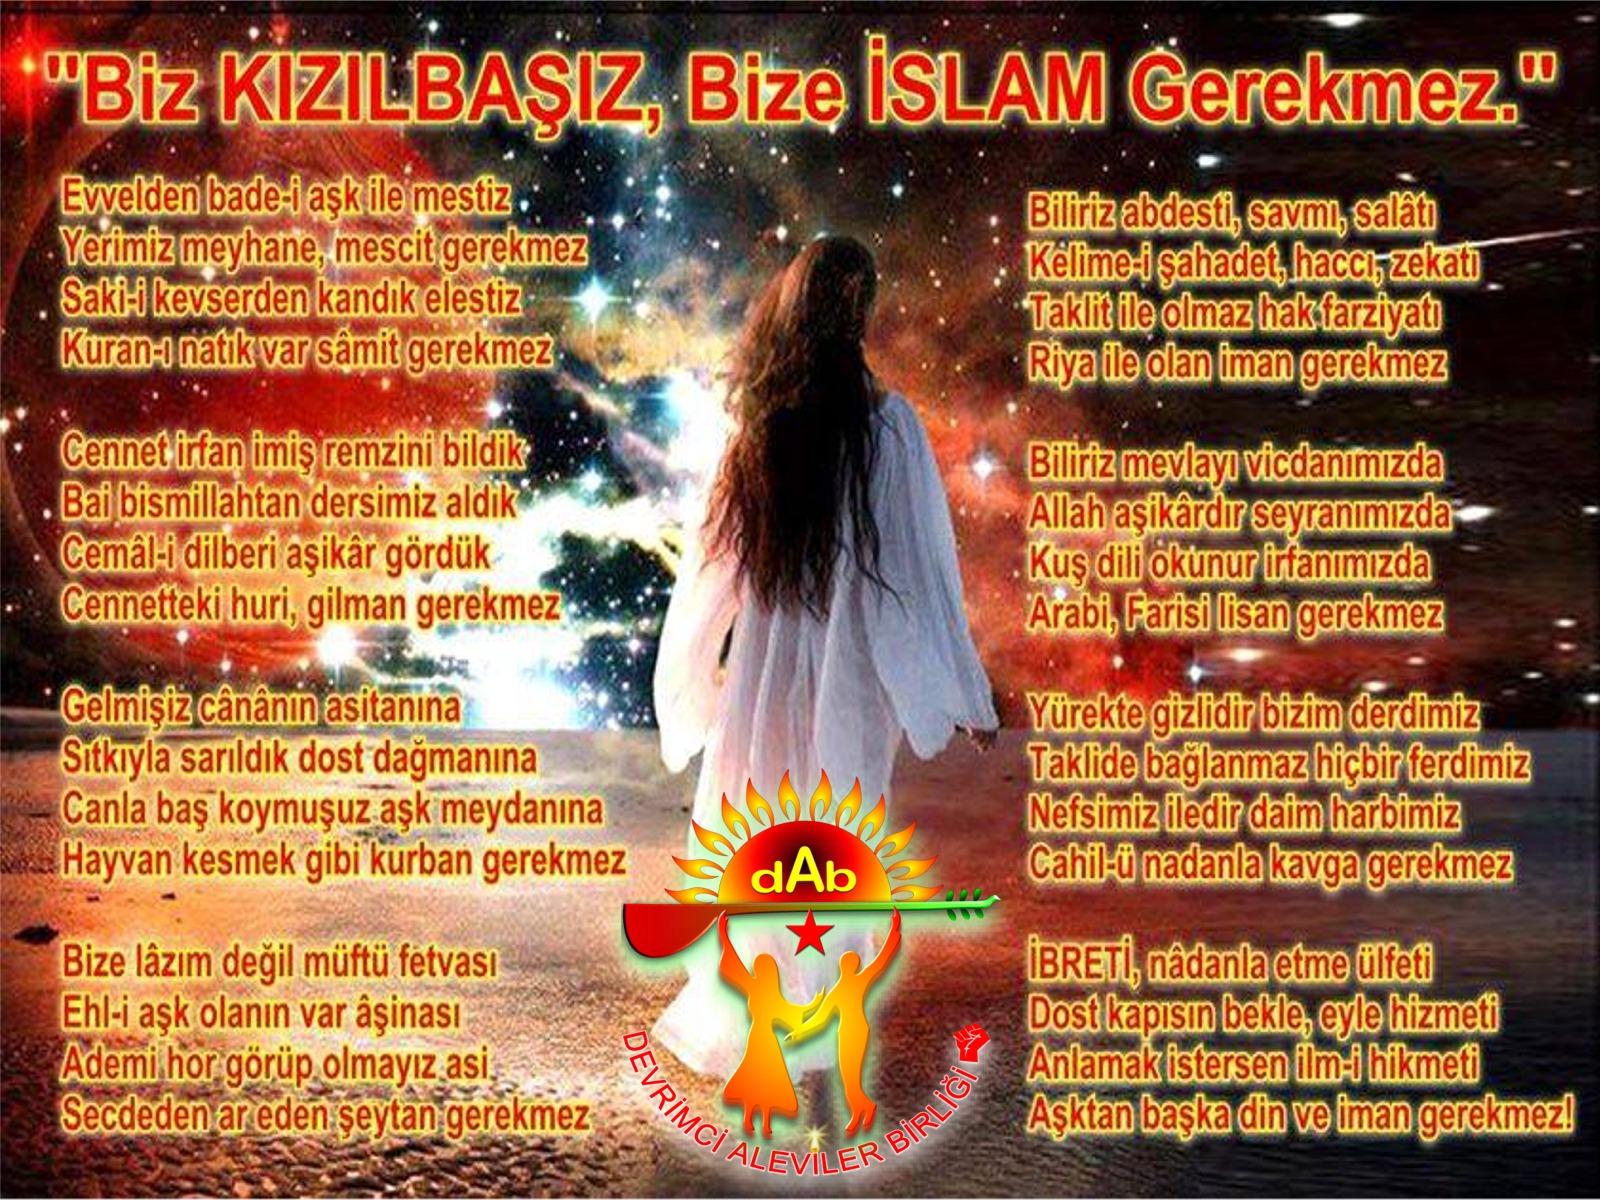 Alevi Bektaşi Kızılbaş Pir Sultan İslam dışı Atatürk faşist Devrimci Aleviler Birliği DAB islam gerekmez